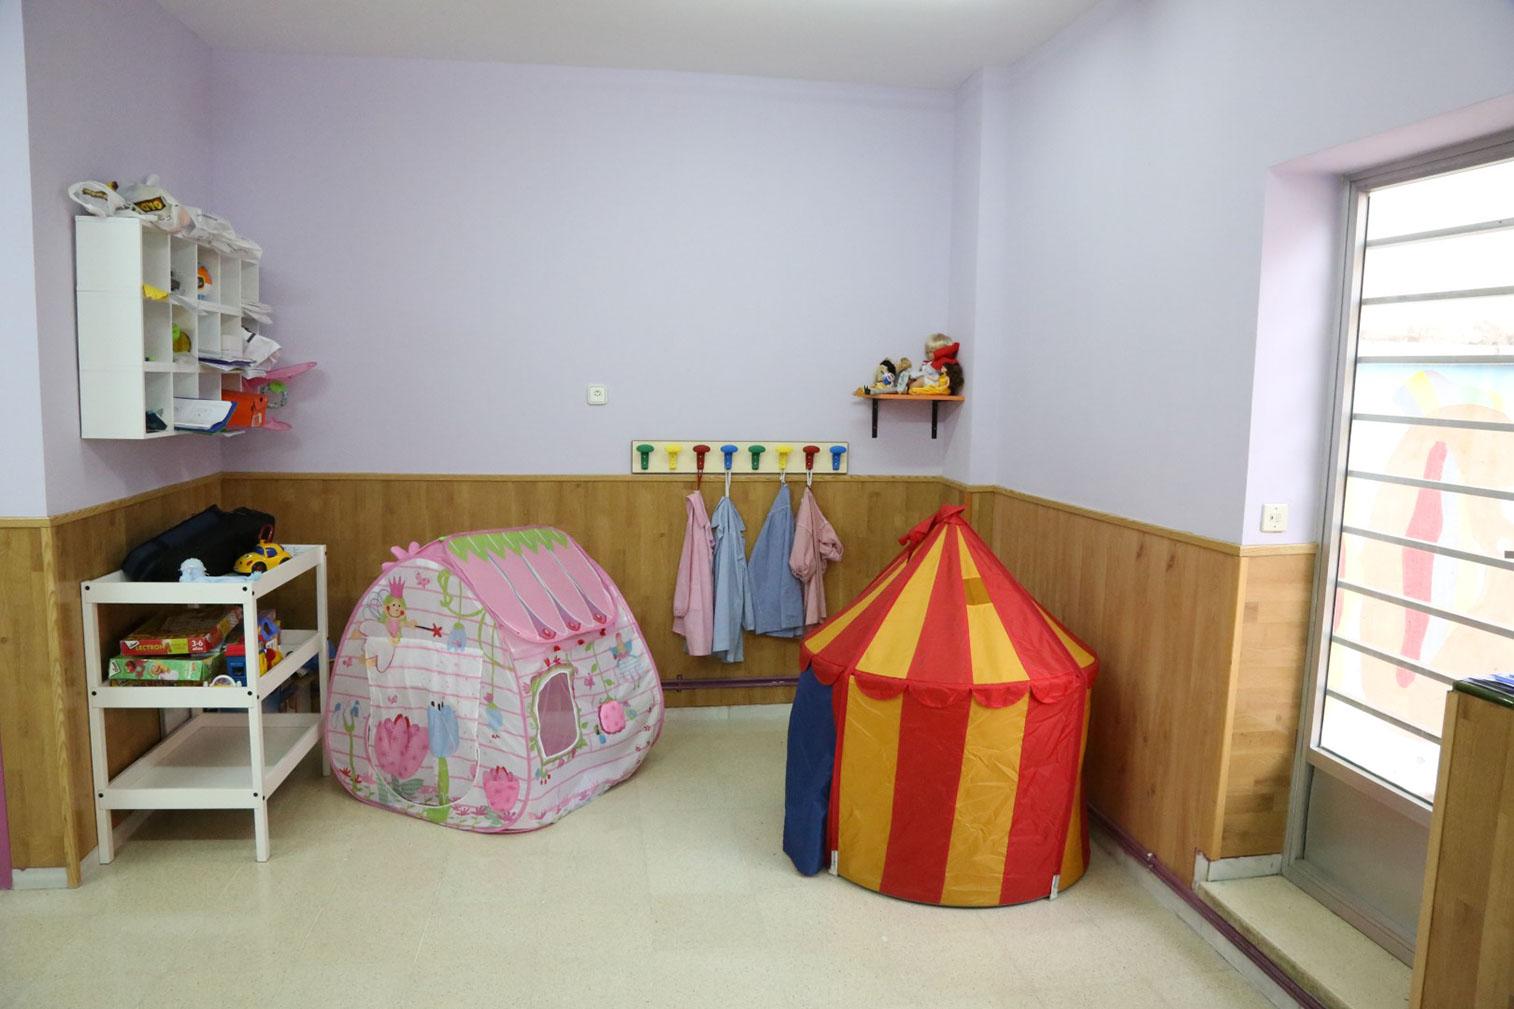 happykidshouse 21757x505 2x - Galería aula 2-3 años